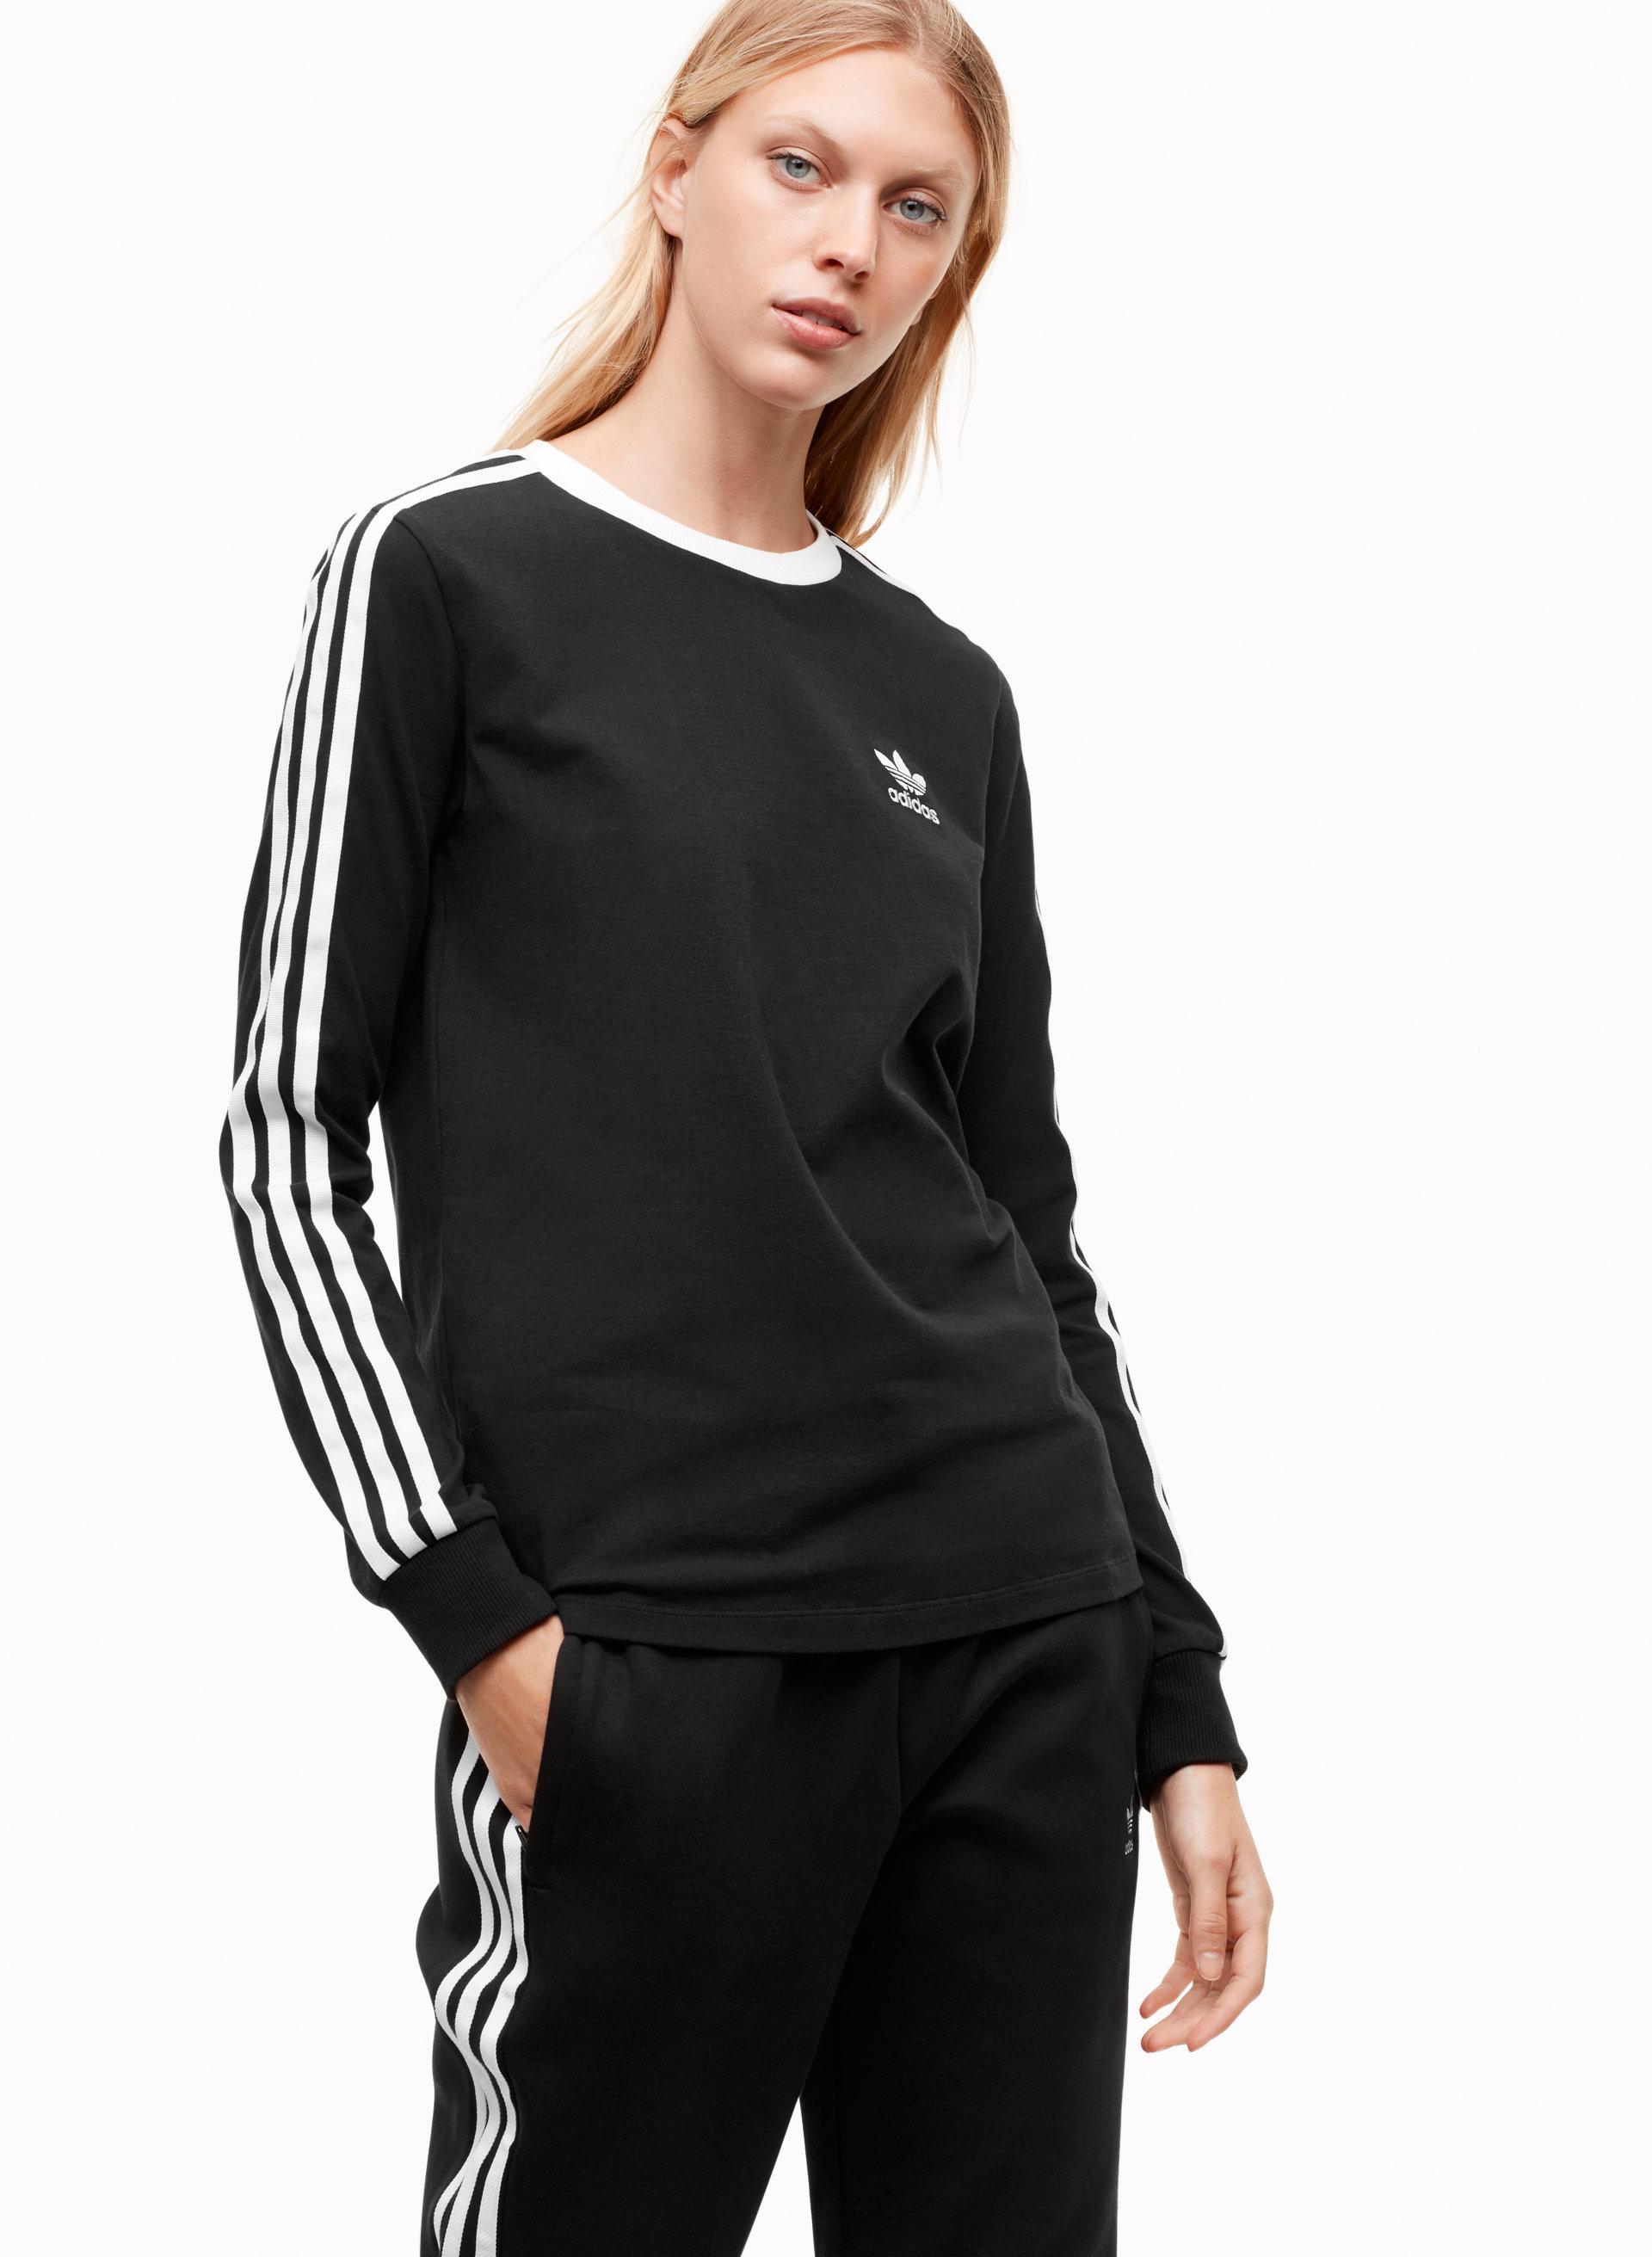 adidas 3 Stripes Tee Beige | adidas US